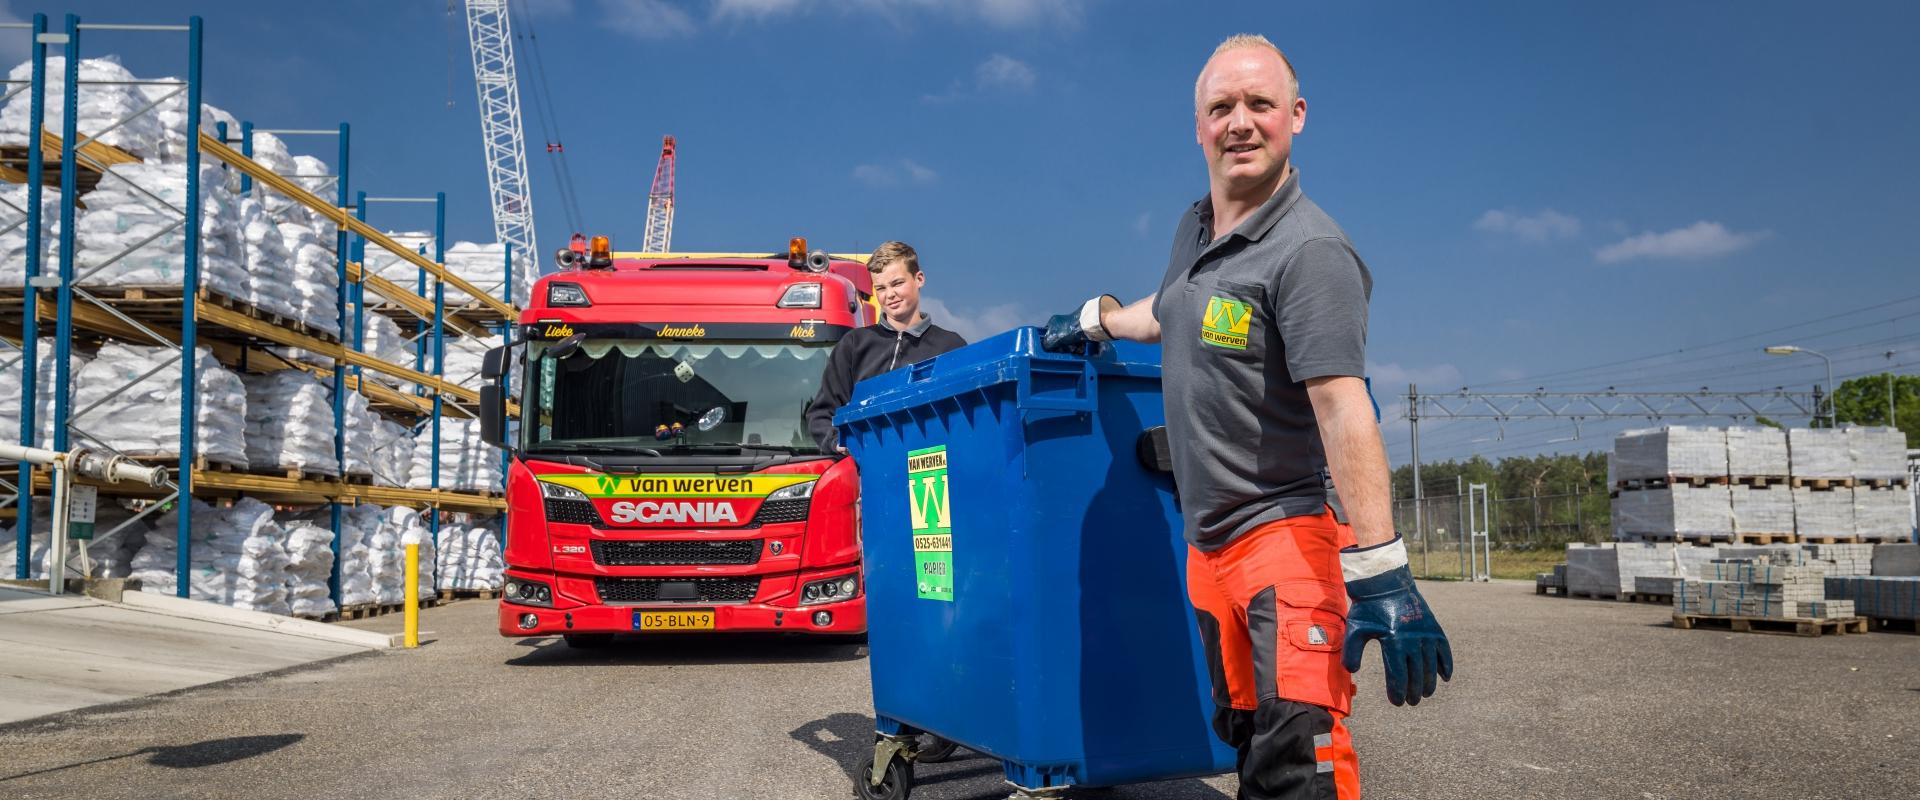 Van Werven tekent nieuw contract tijdens vakbeurs Recycling